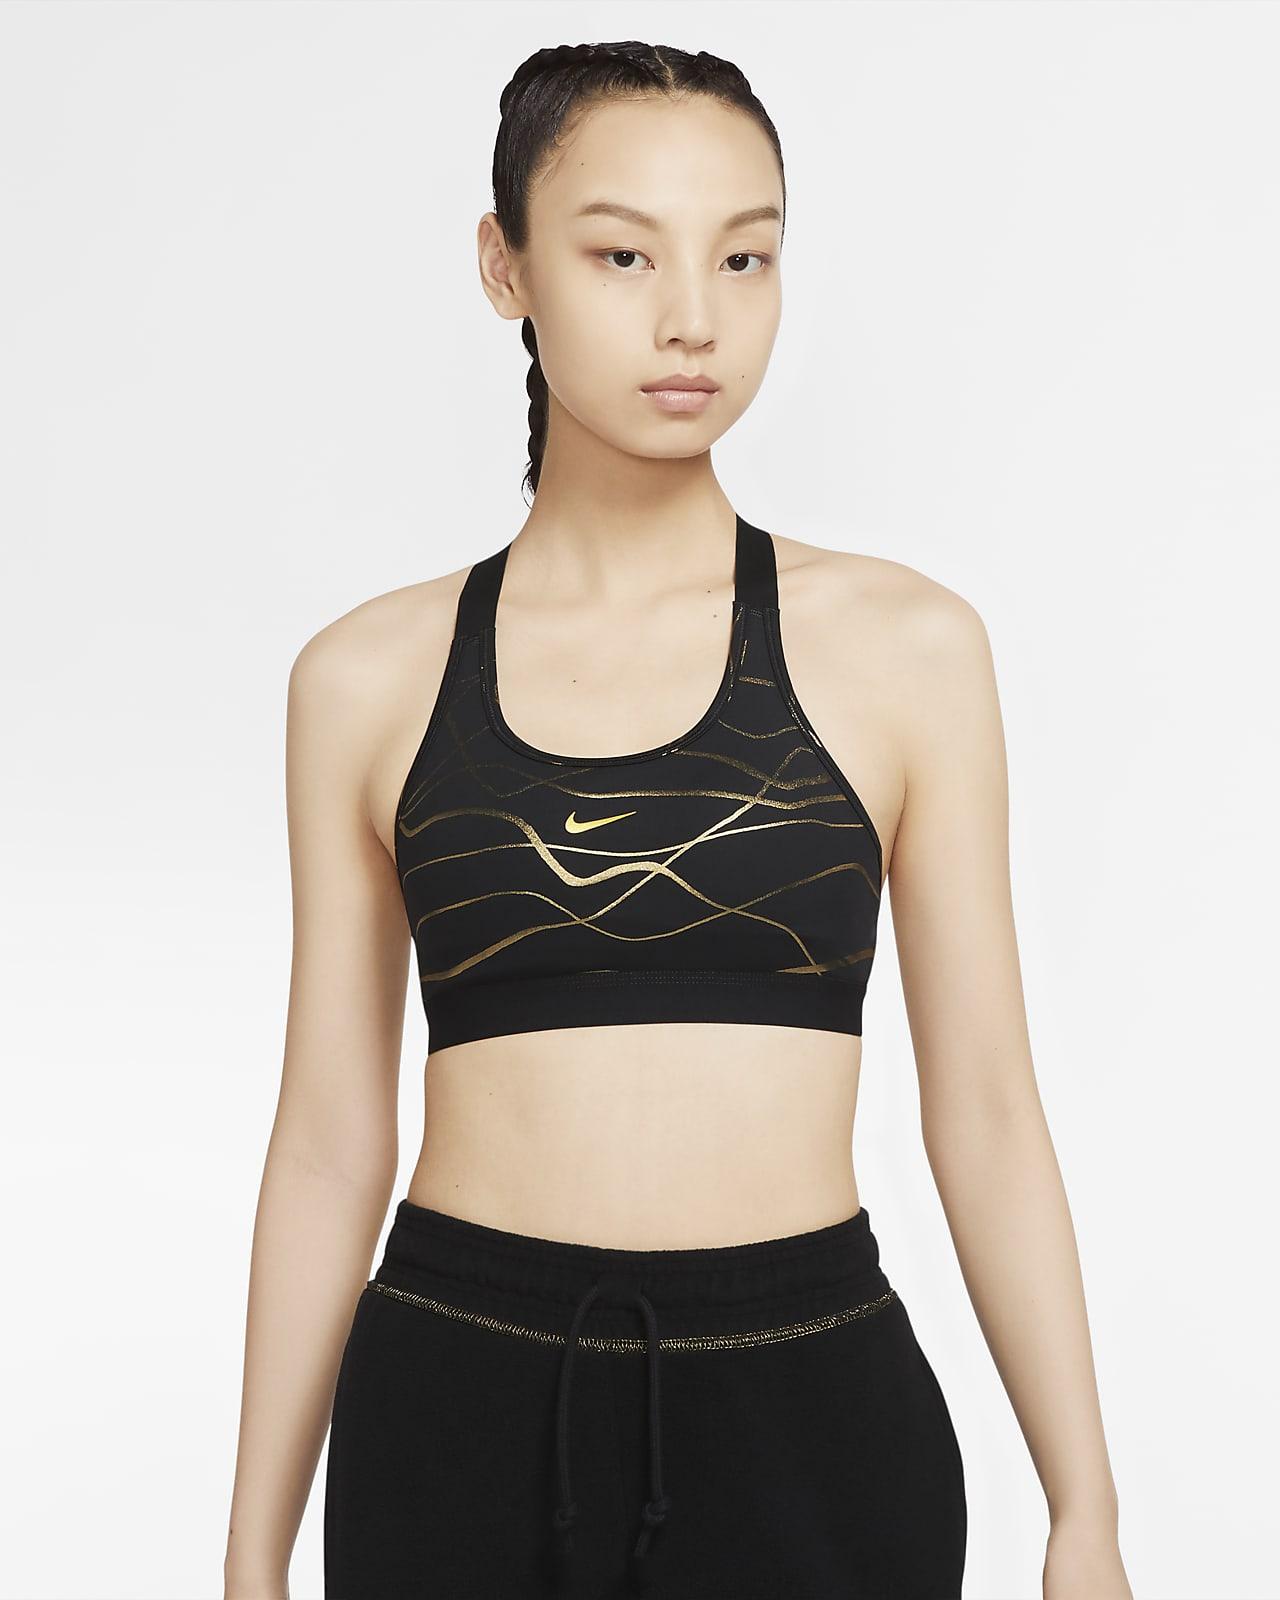 สปอร์ตบราผู้หญิงซัพพอร์ตระดับกลางพิมพ์ลาย Nike Swoosh Icon Clash